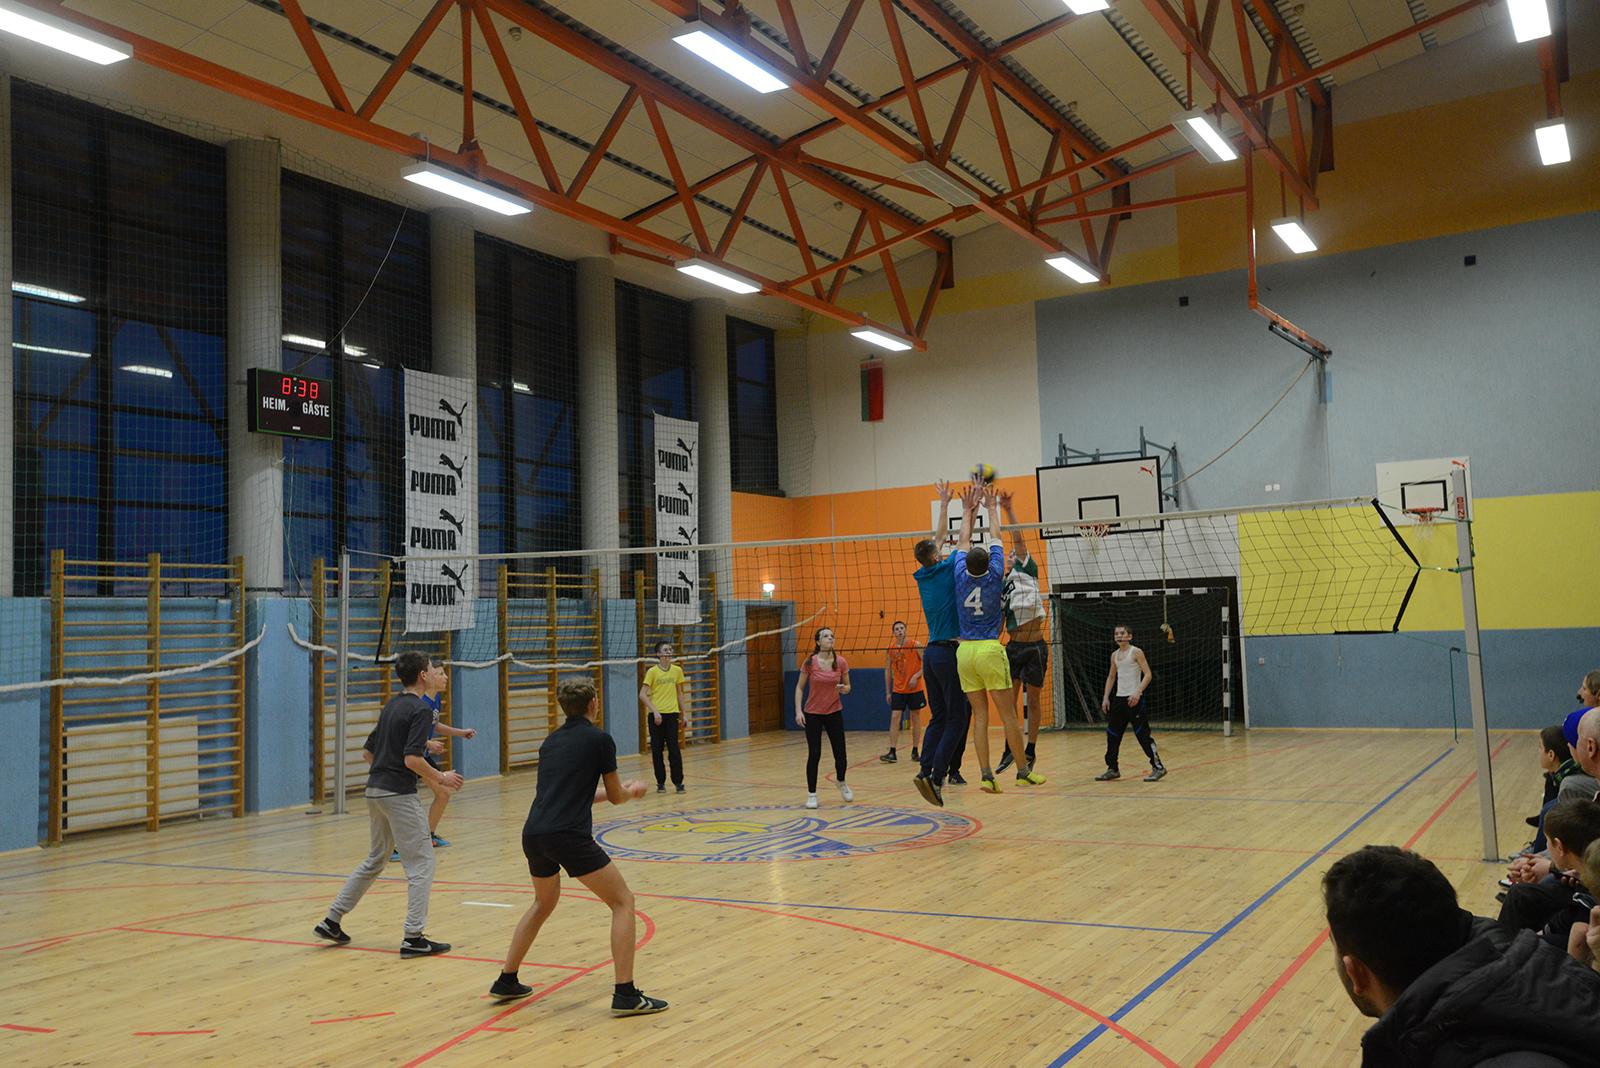 体育館は立派なバレーボールコートがある。この施設はPUMAもスポンサーについている。バレーボール、サッカー、テニスはベラルーシで人気のスポーツ。